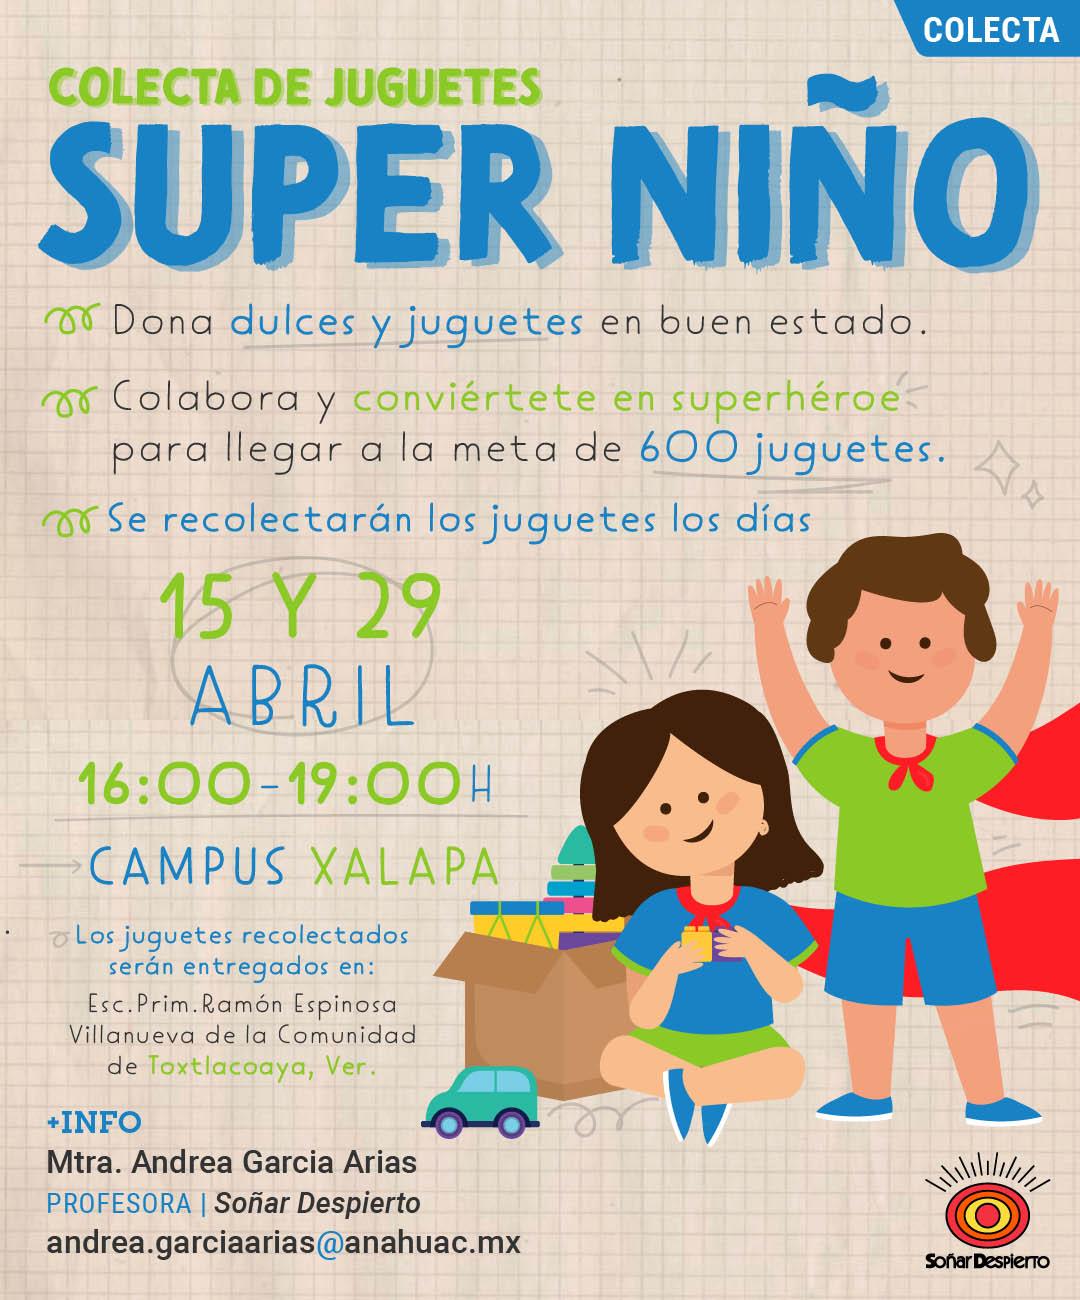 Super Niño: Colecta de Juguetes